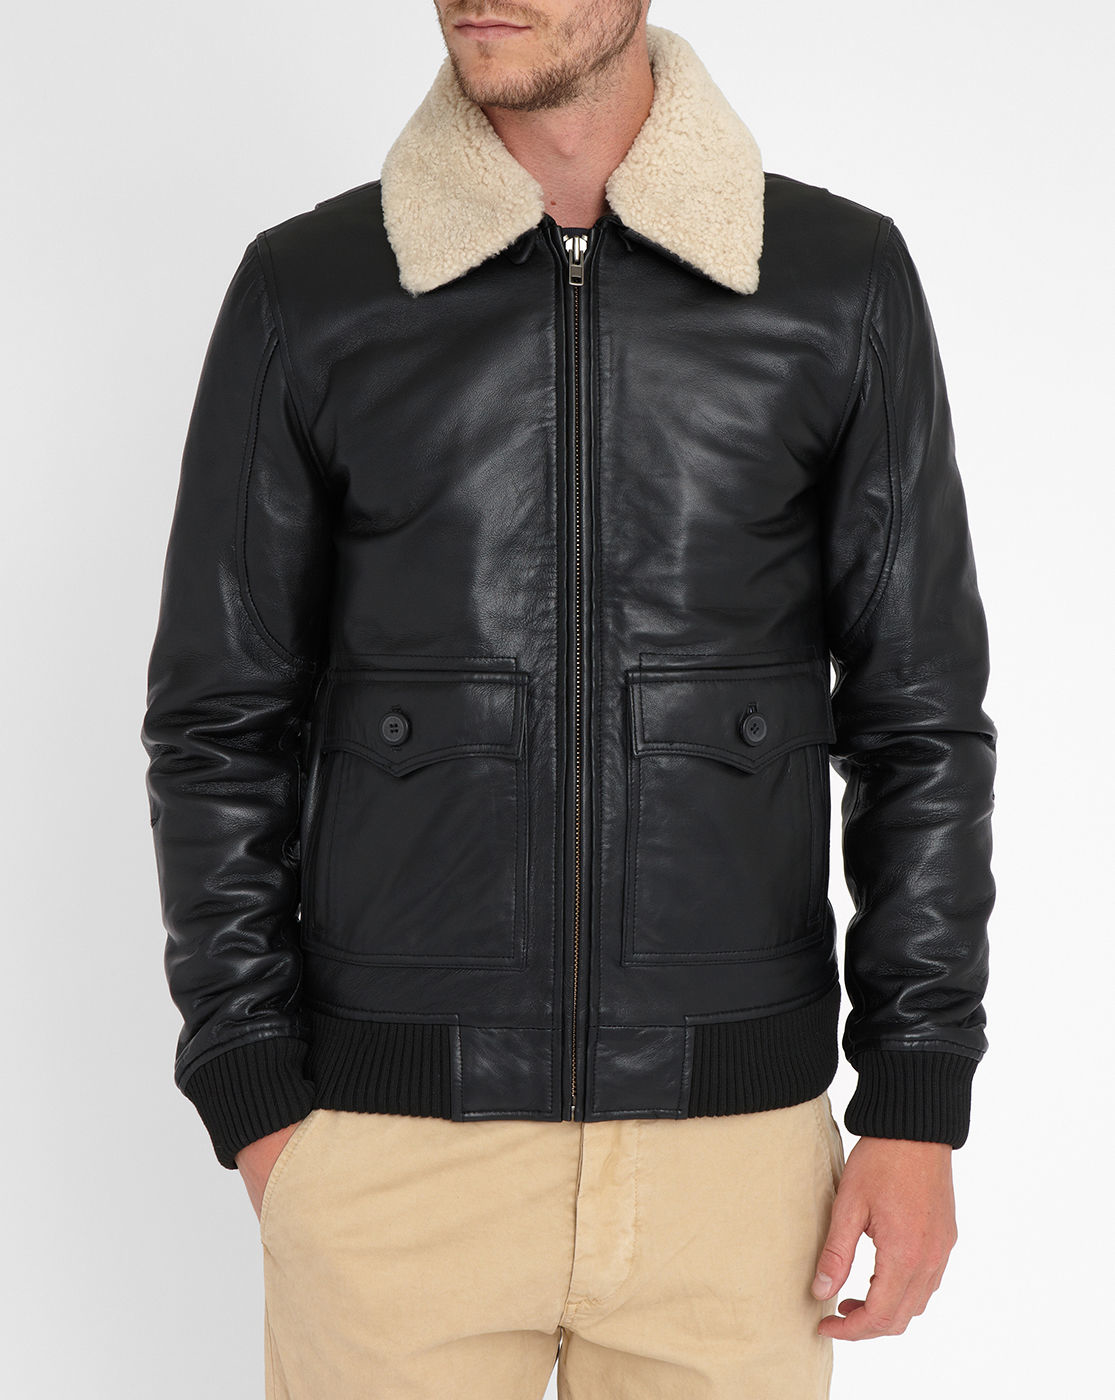 men s washed leather bomber jacket male models picture. Black Bedroom Furniture Sets. Home Design Ideas